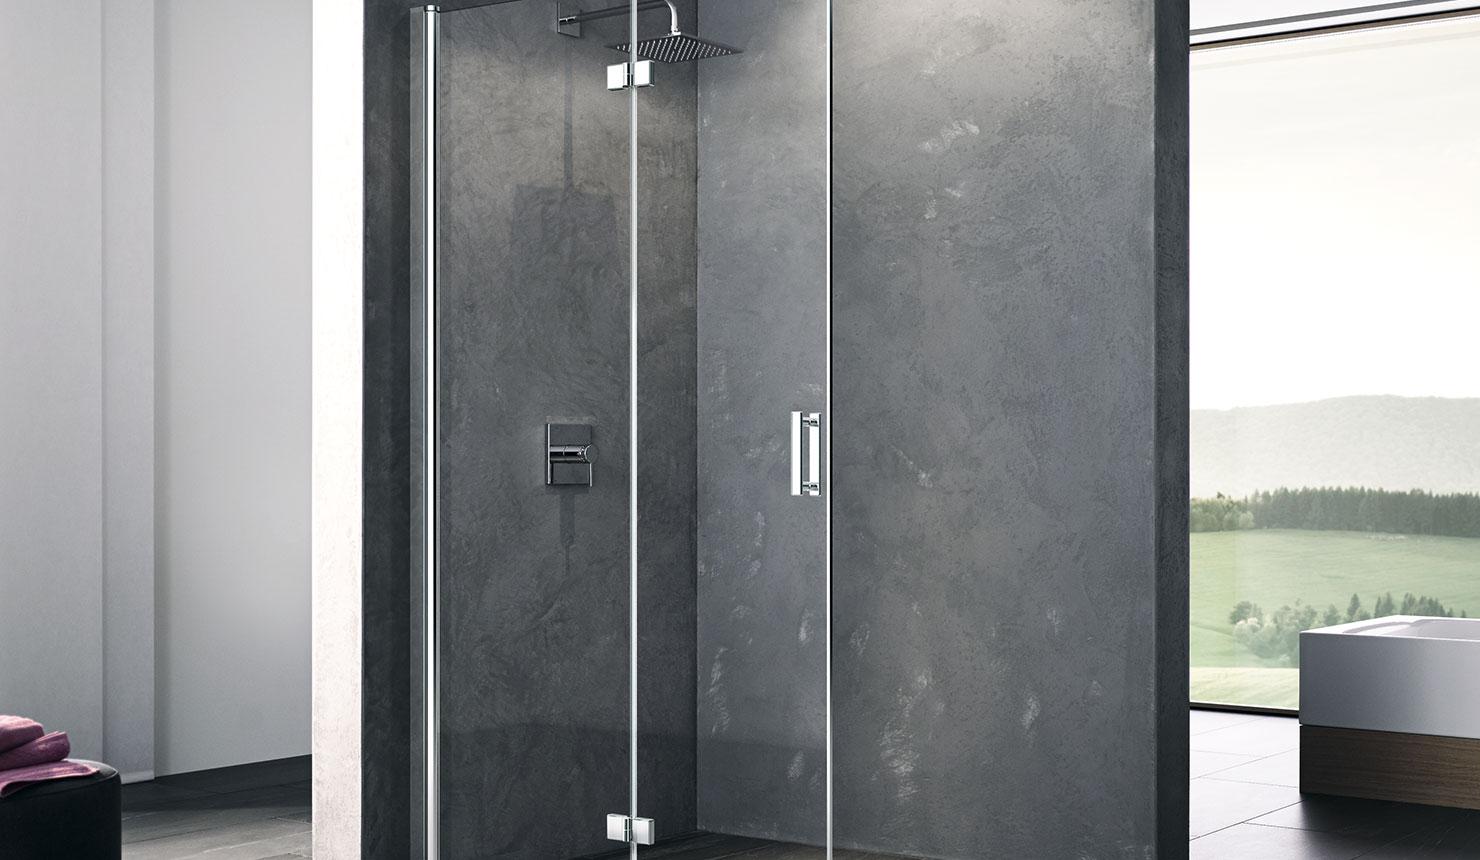 Full Size of Walk In Duschkabine Serienmodelle Exakt Auf Ma Kermi Badewanne Mit Tür Und Dusche Unterputz Armatur Glasabtrennung Grohe Bluetooth Lautsprecher Abfluss Bidet Dusche Glasabtrennung Dusche